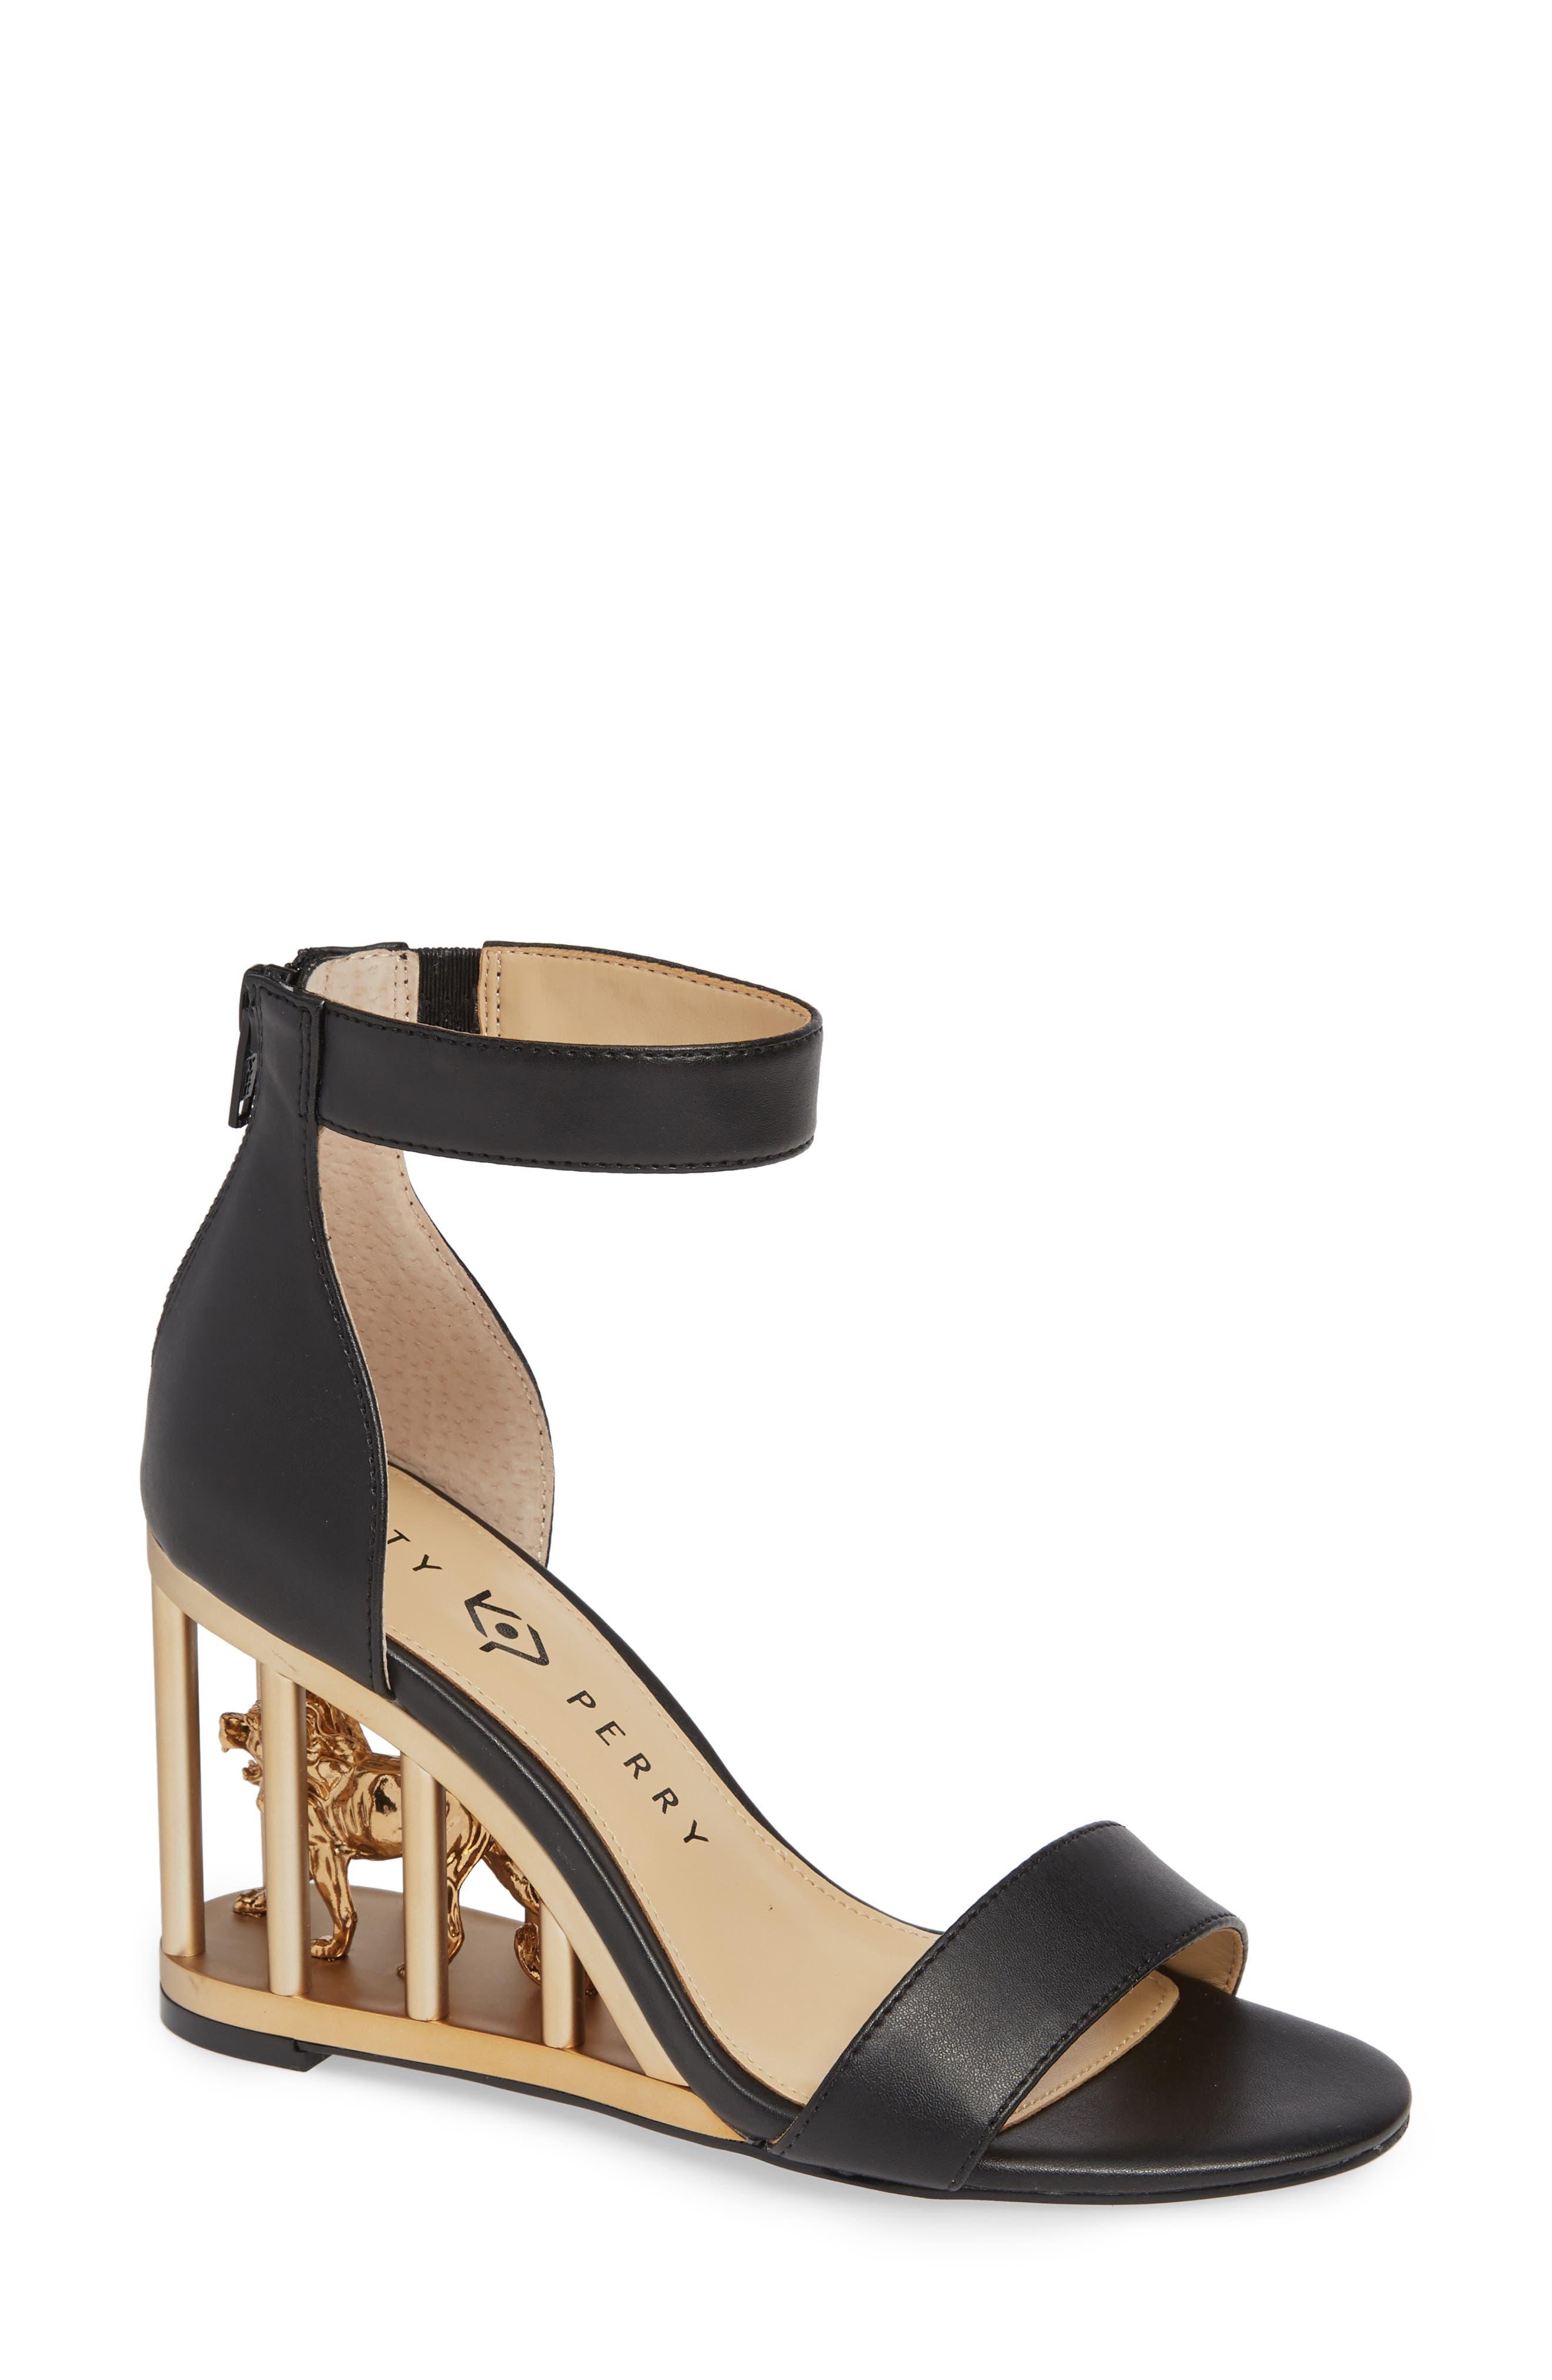 Wedge Sandal in Black